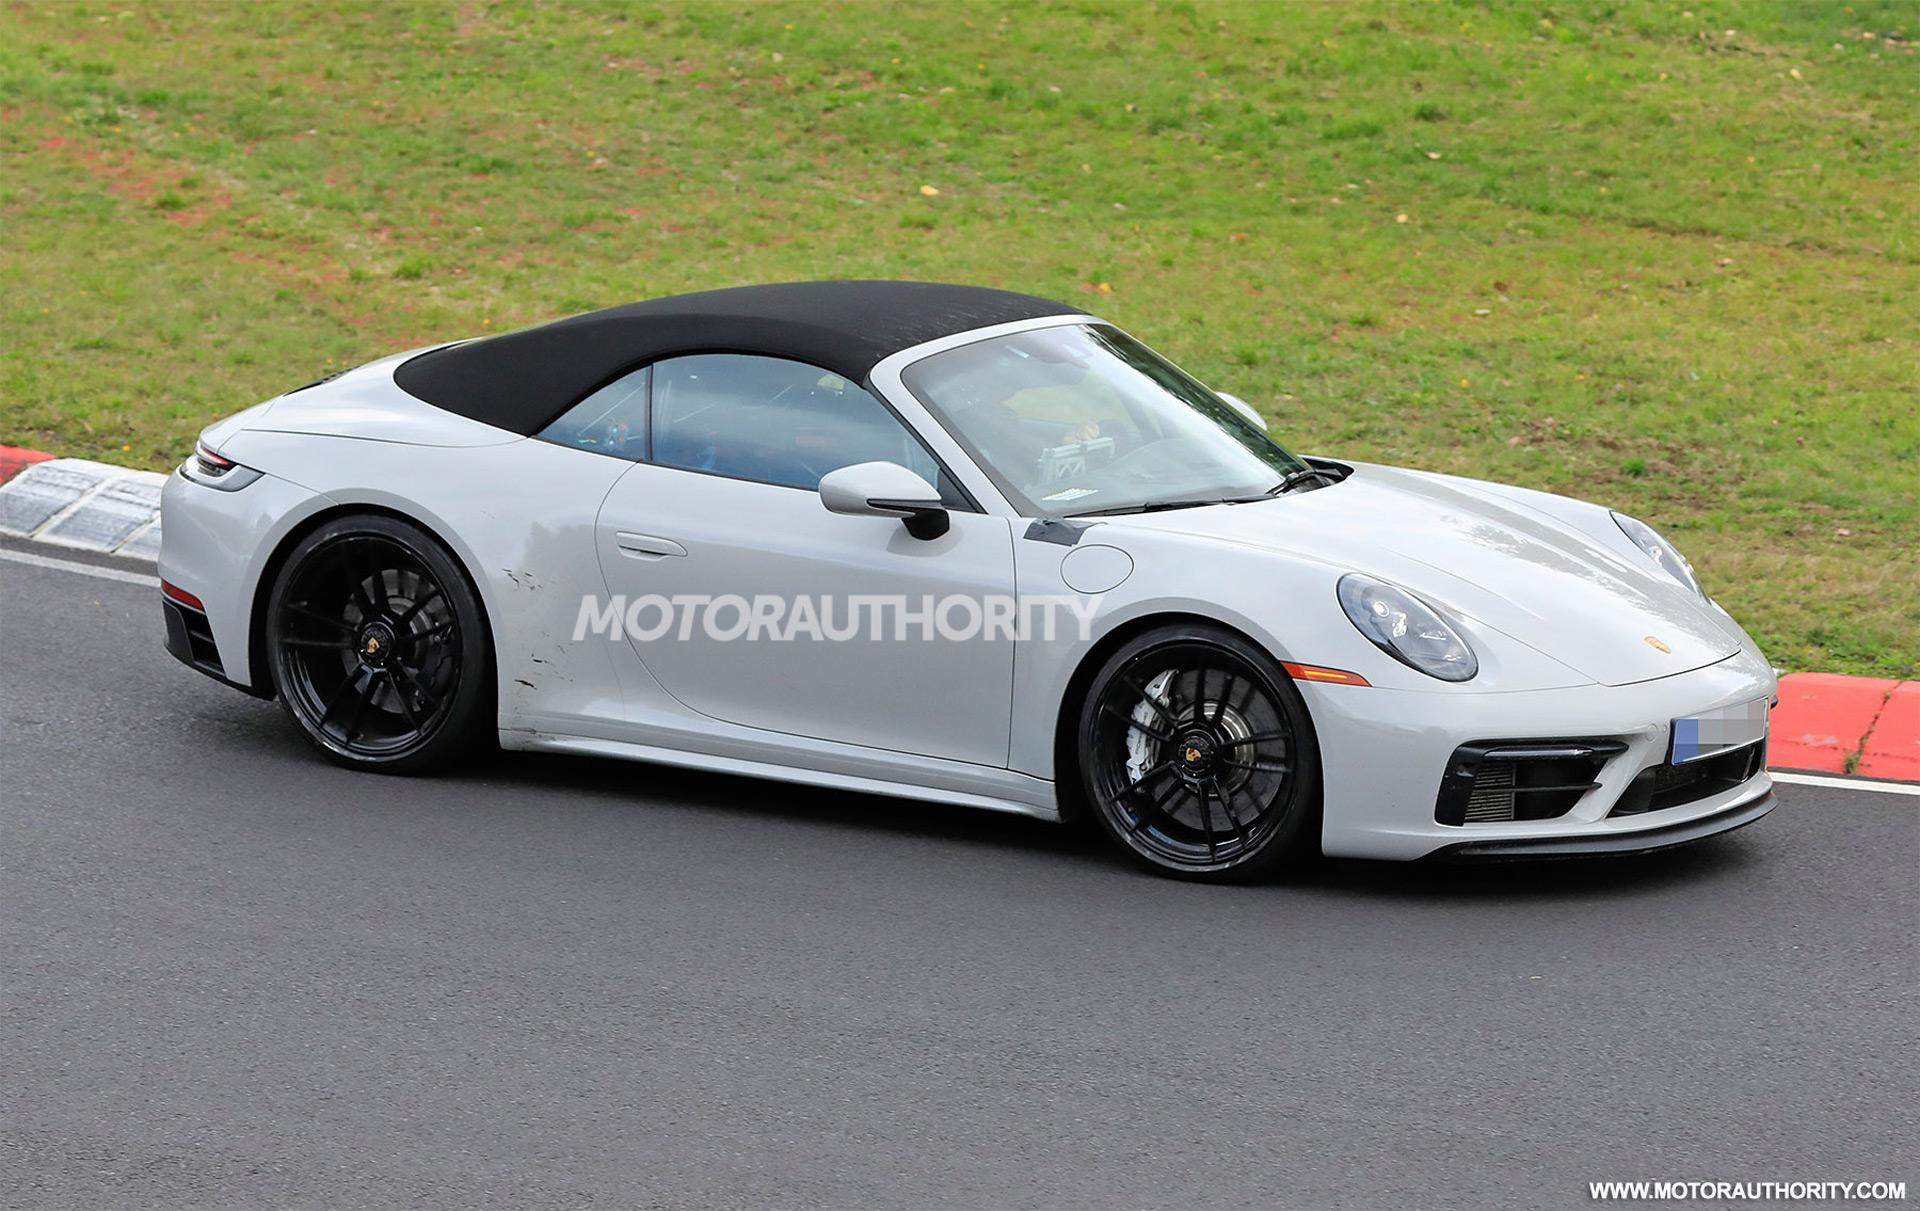 2018 - [Porsche] 911 - Page 20 2021-porsche-911-carrera-gts-cabriolet-spy-shots--photo-credit-s-baldauf-sb-medien_100721198_h